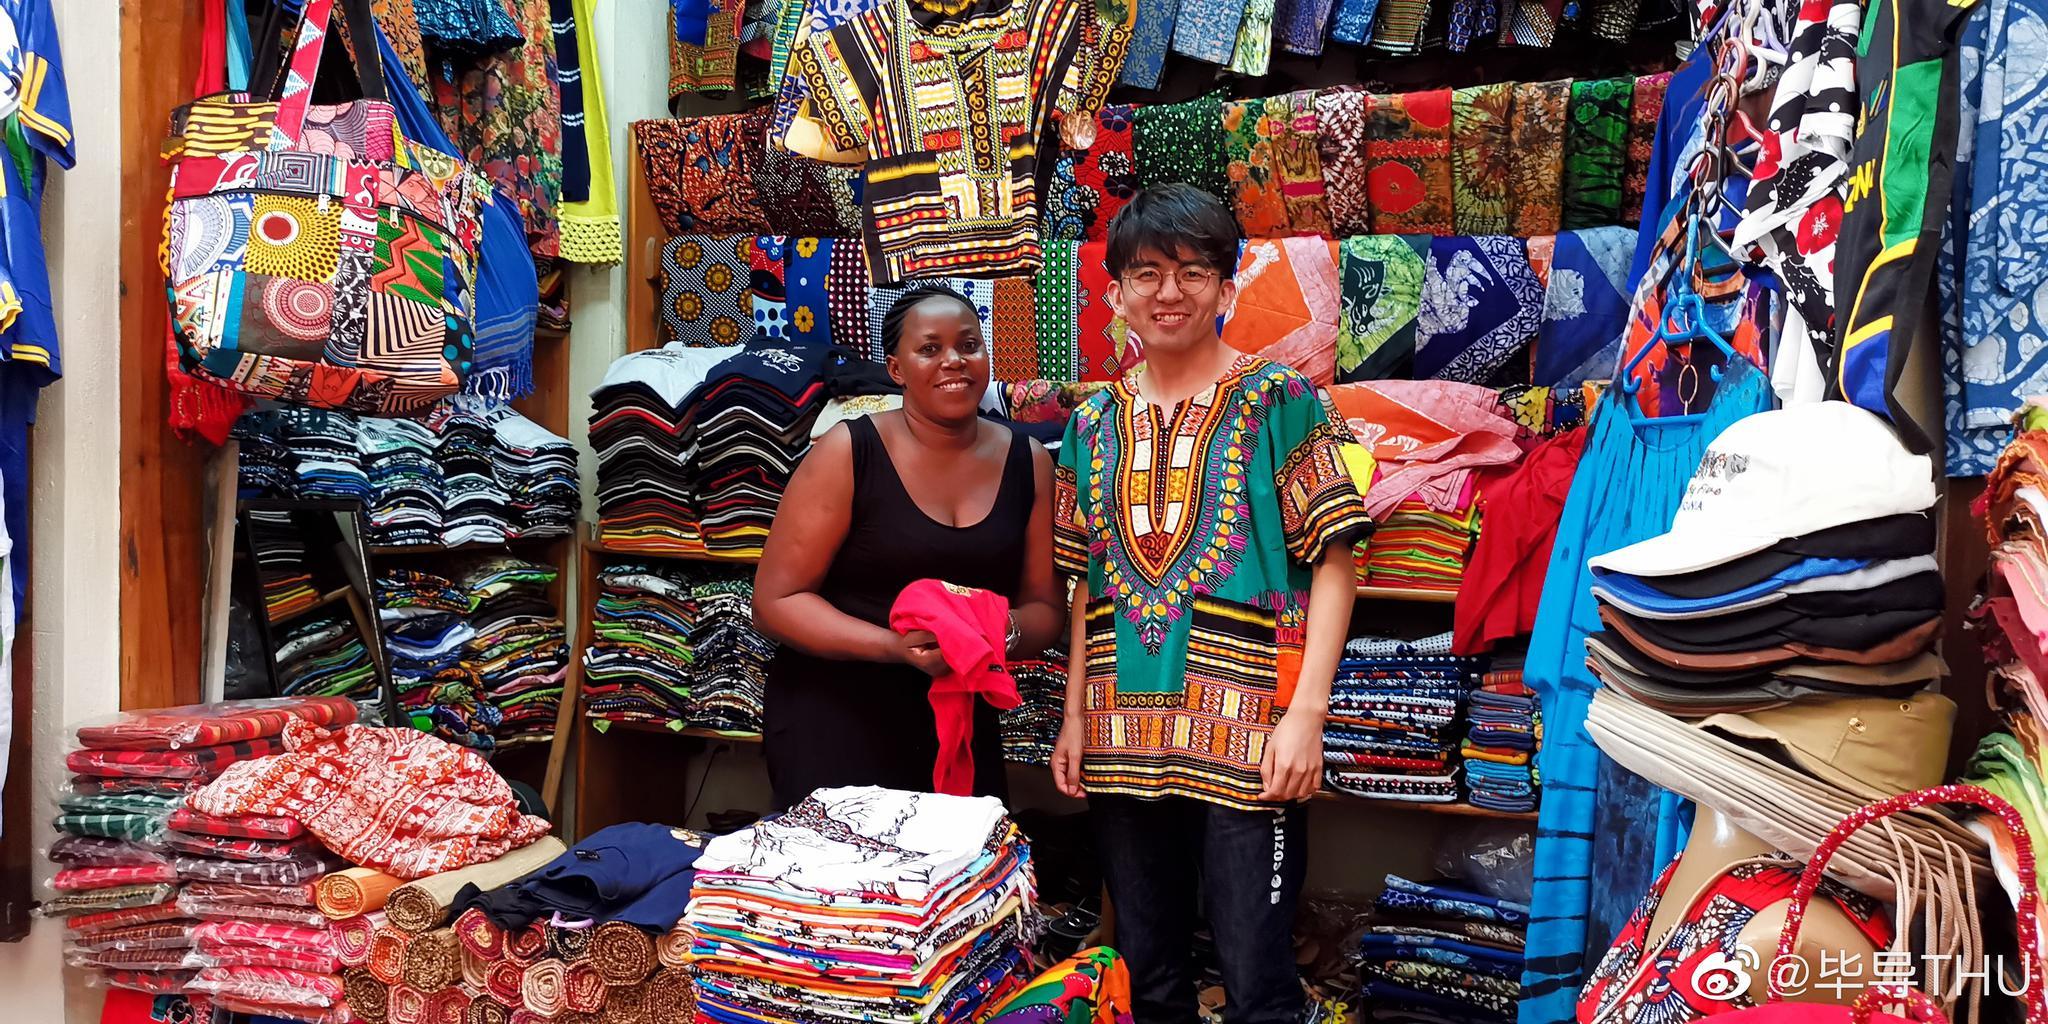 在坦桑尼亚玩耍,总觉得无法融入当地人民。灵机一动买了一件衣服